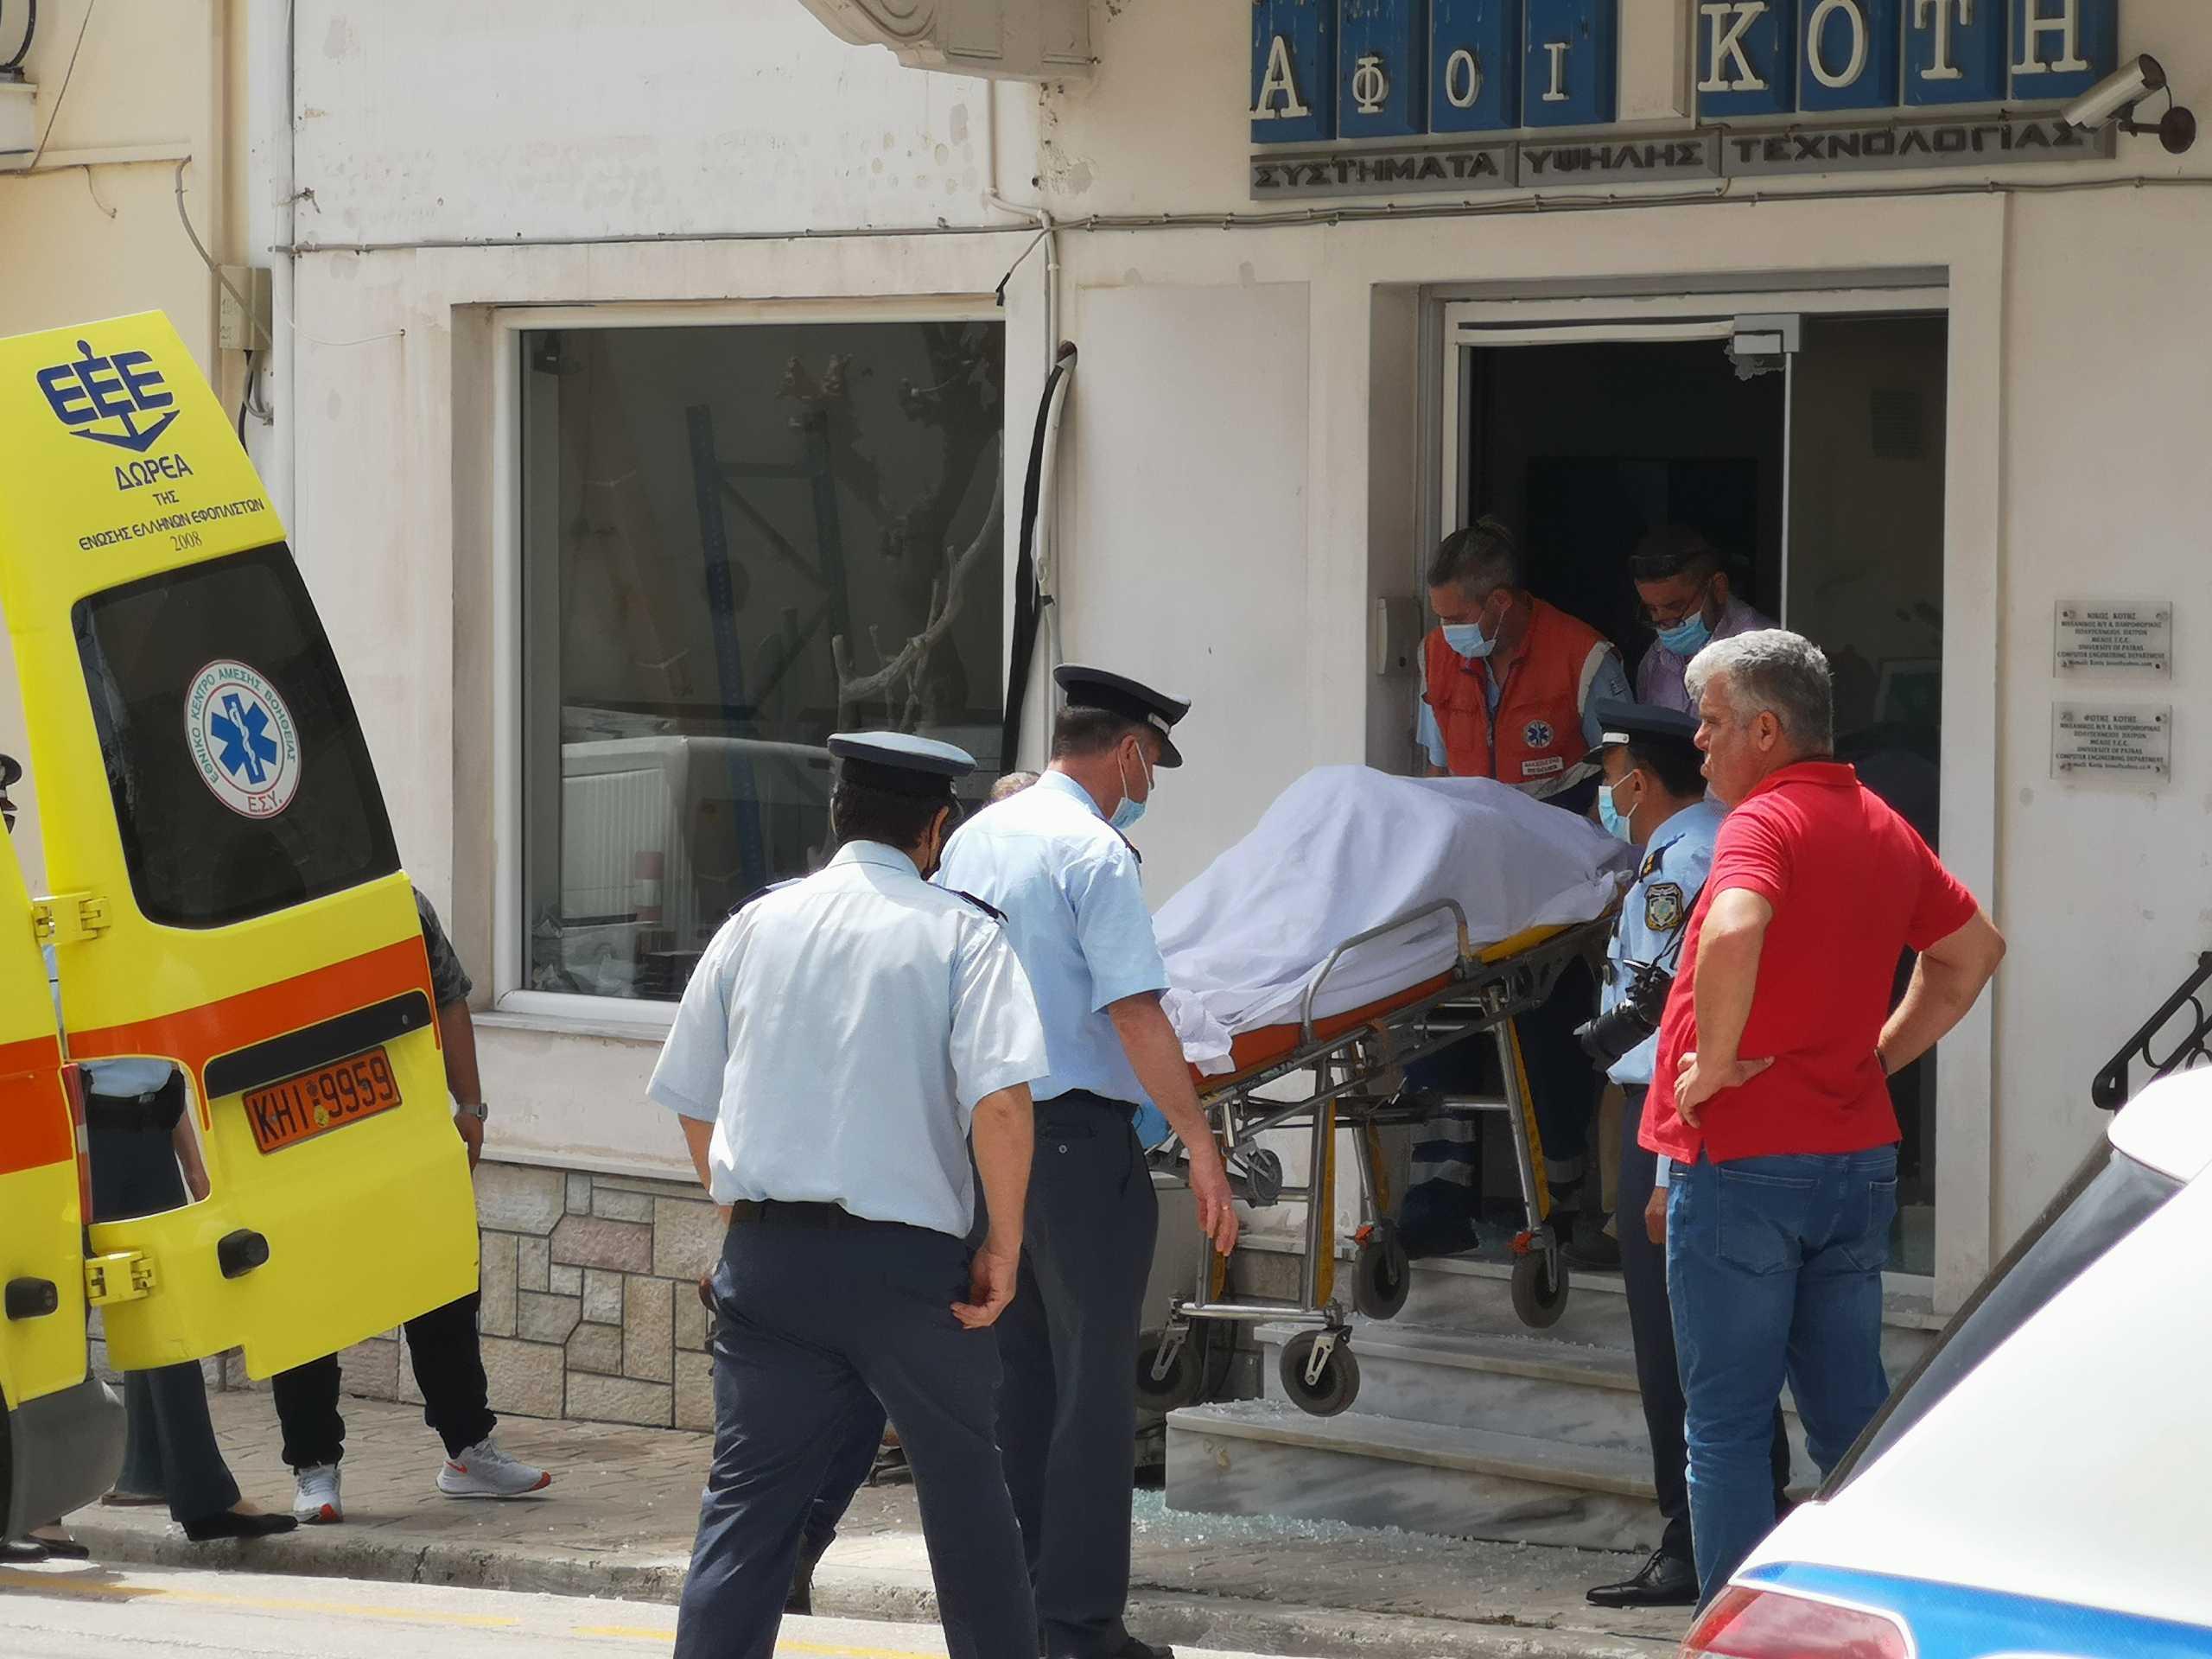 Ντίμης Κορφιάτης: Παράνομες μεθόδους προανάκρισης καταγγέλλει ο Αλέξης Κούγιας